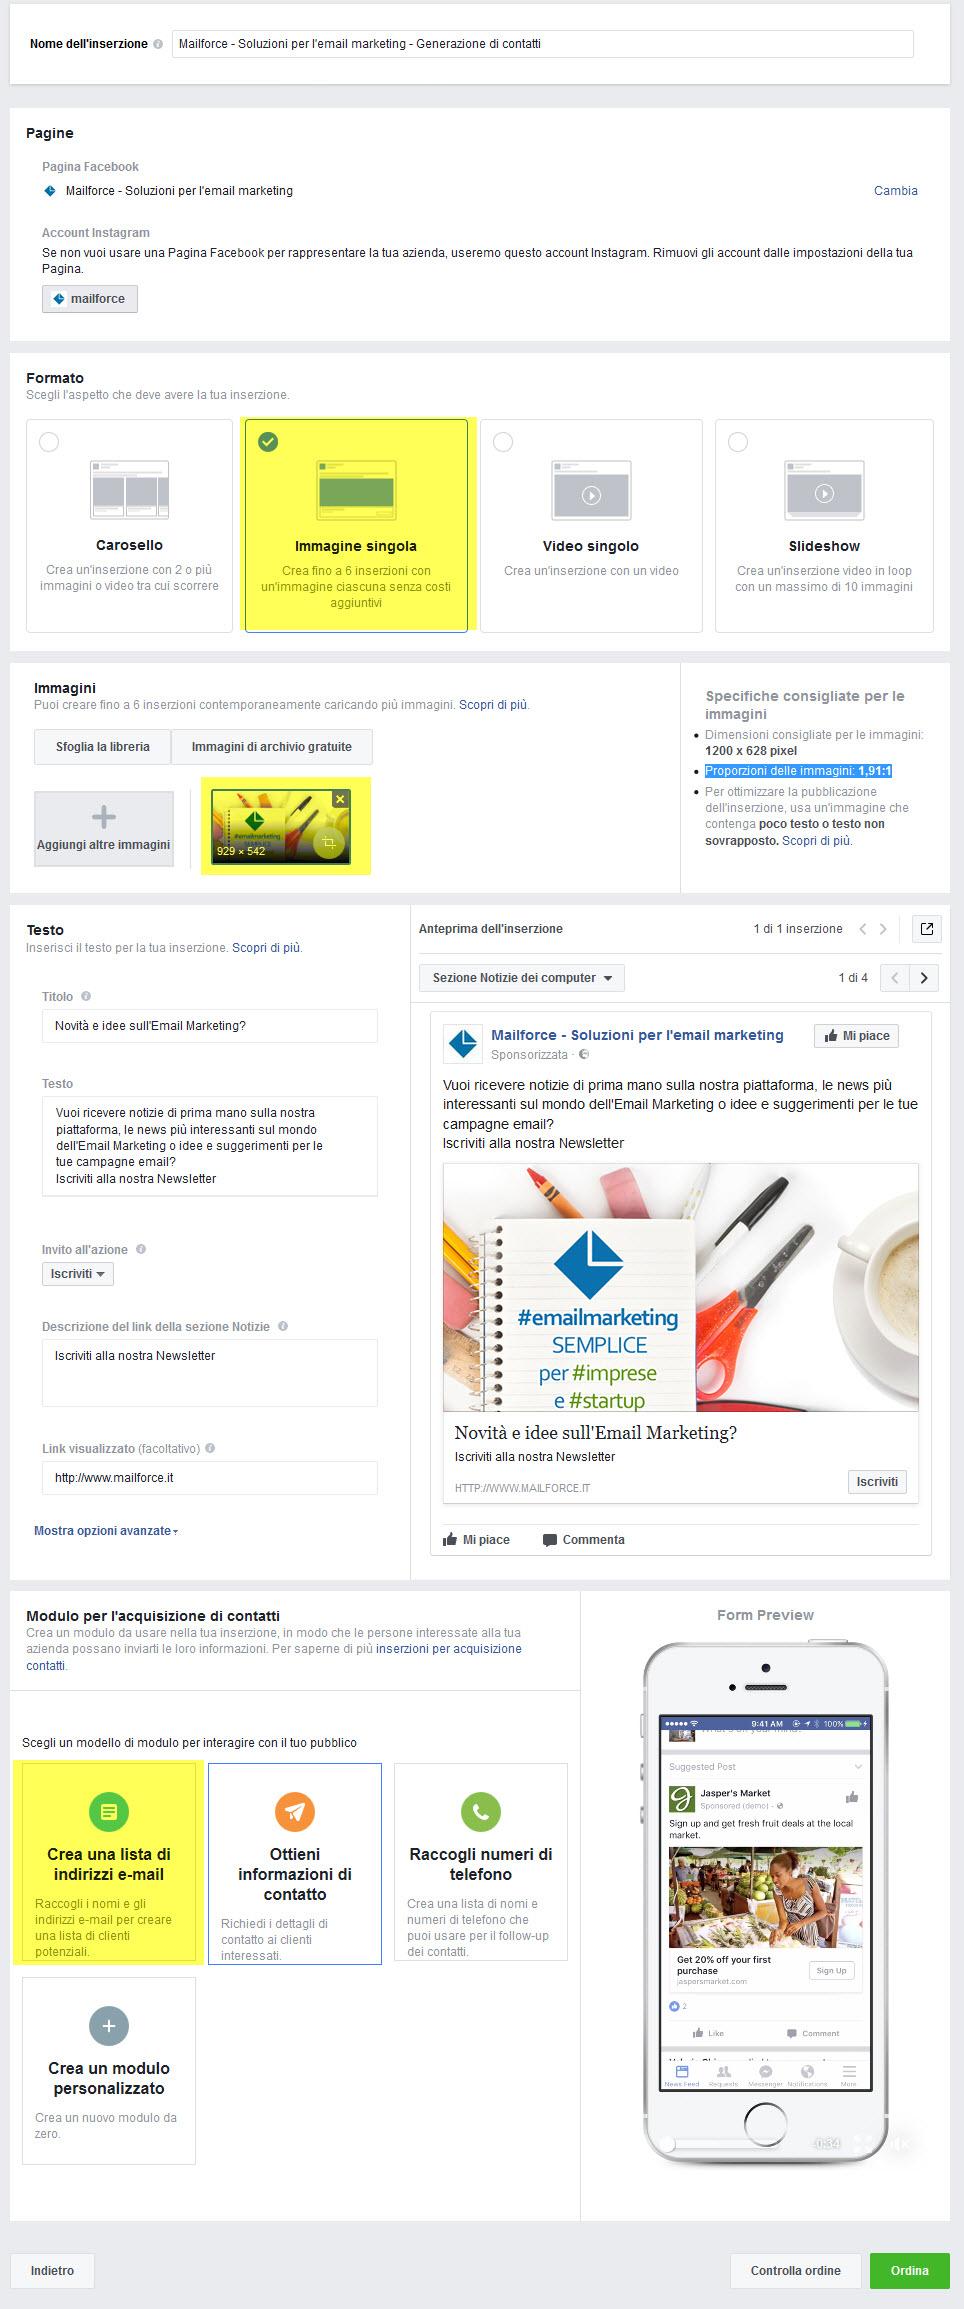 Email Marketing, Lead Generation con Facebook: Costruzione dell'inserzione